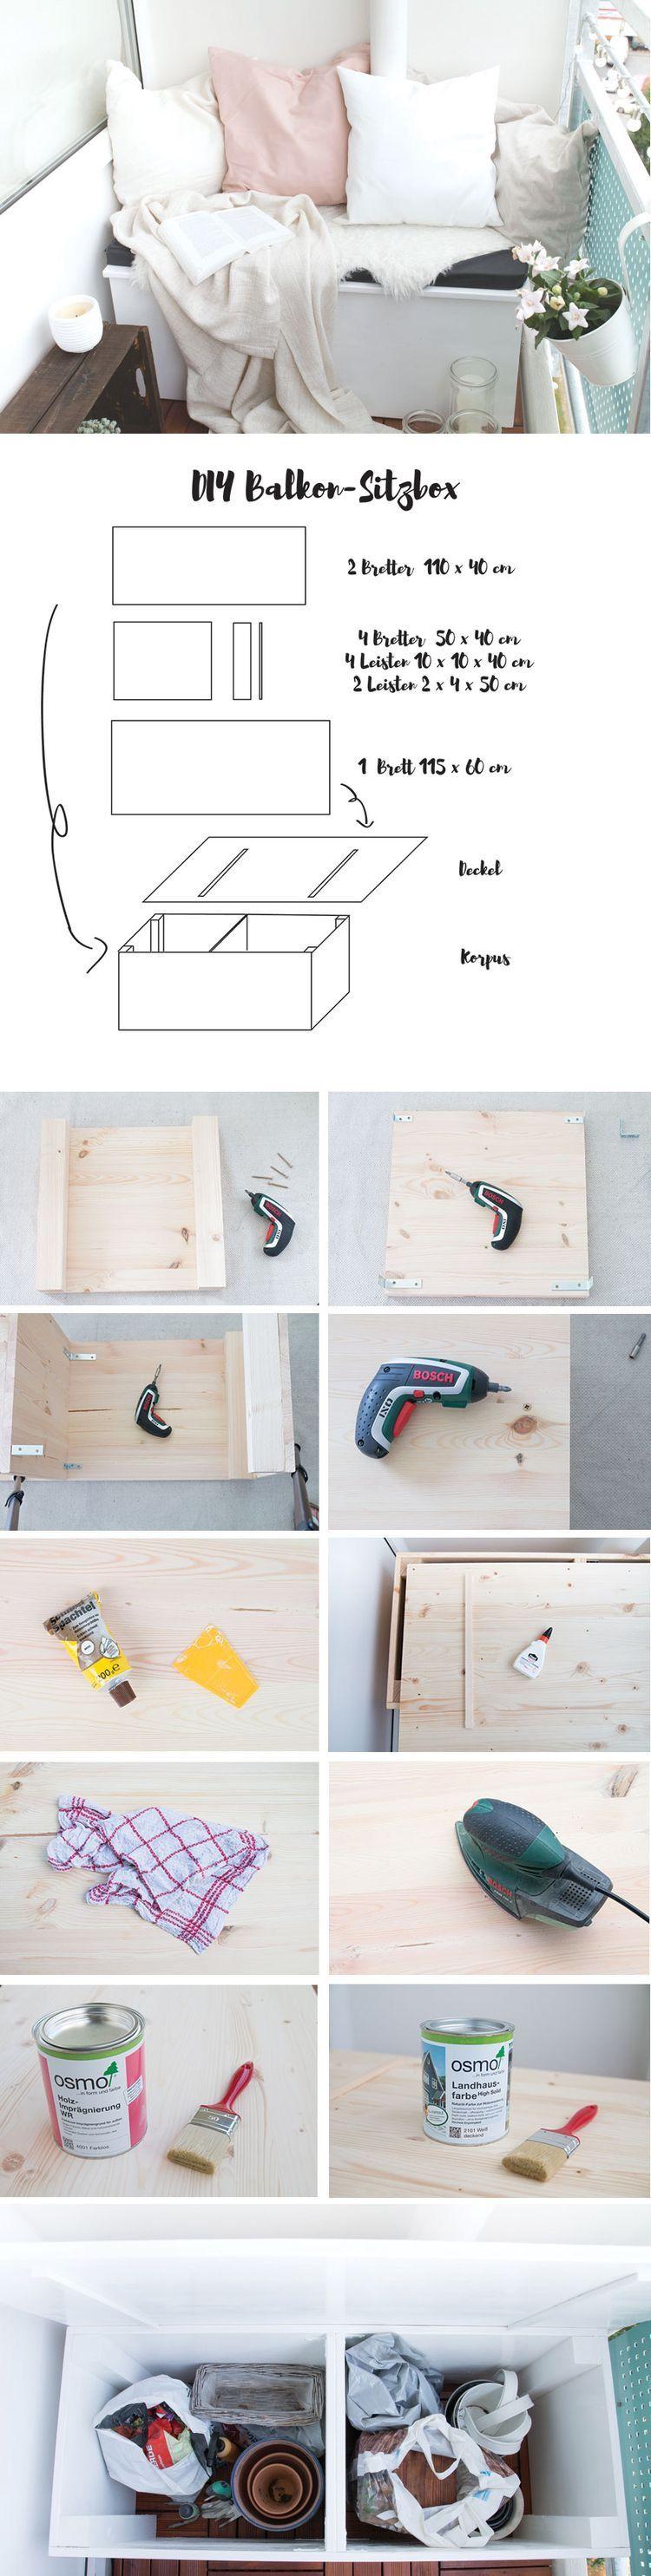 Diy Mueble De Balcon Tipo Cajon Diy Balcony Furniture With Storage